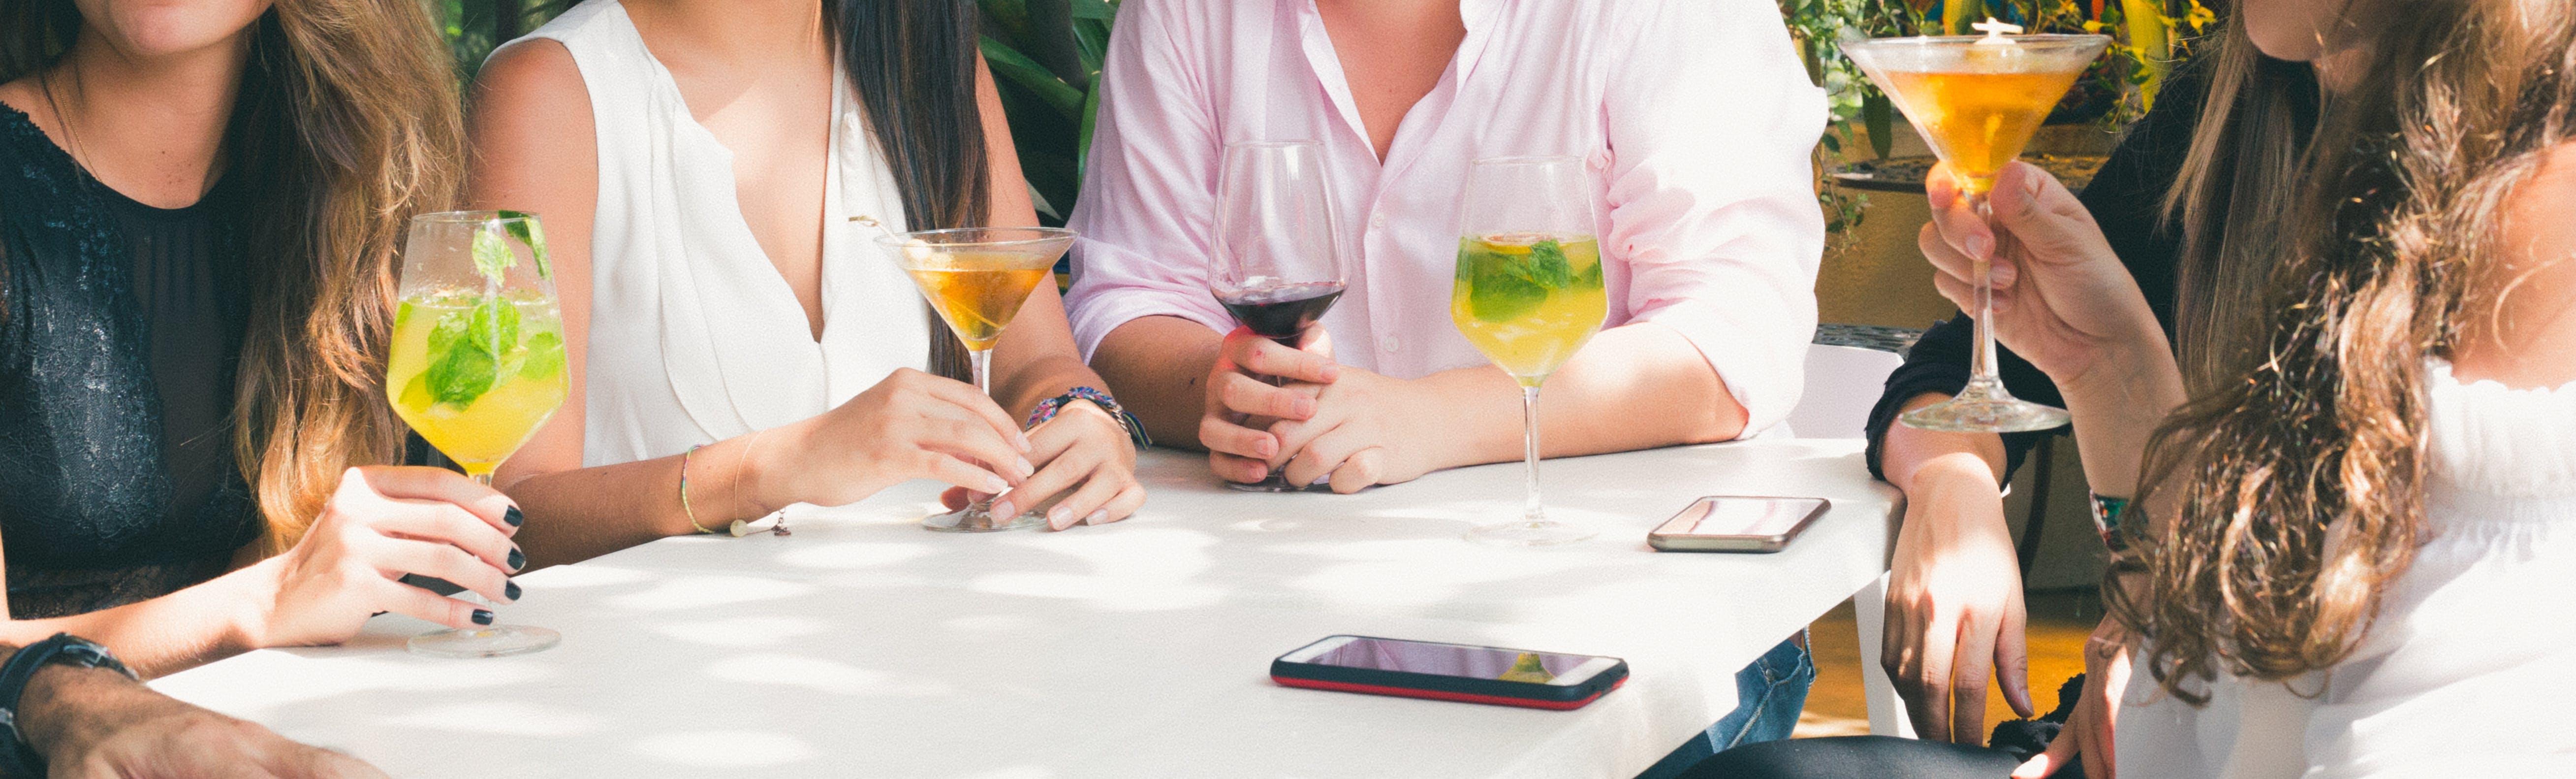 坐, 女性, 室內, 手機 的 免费素材照片